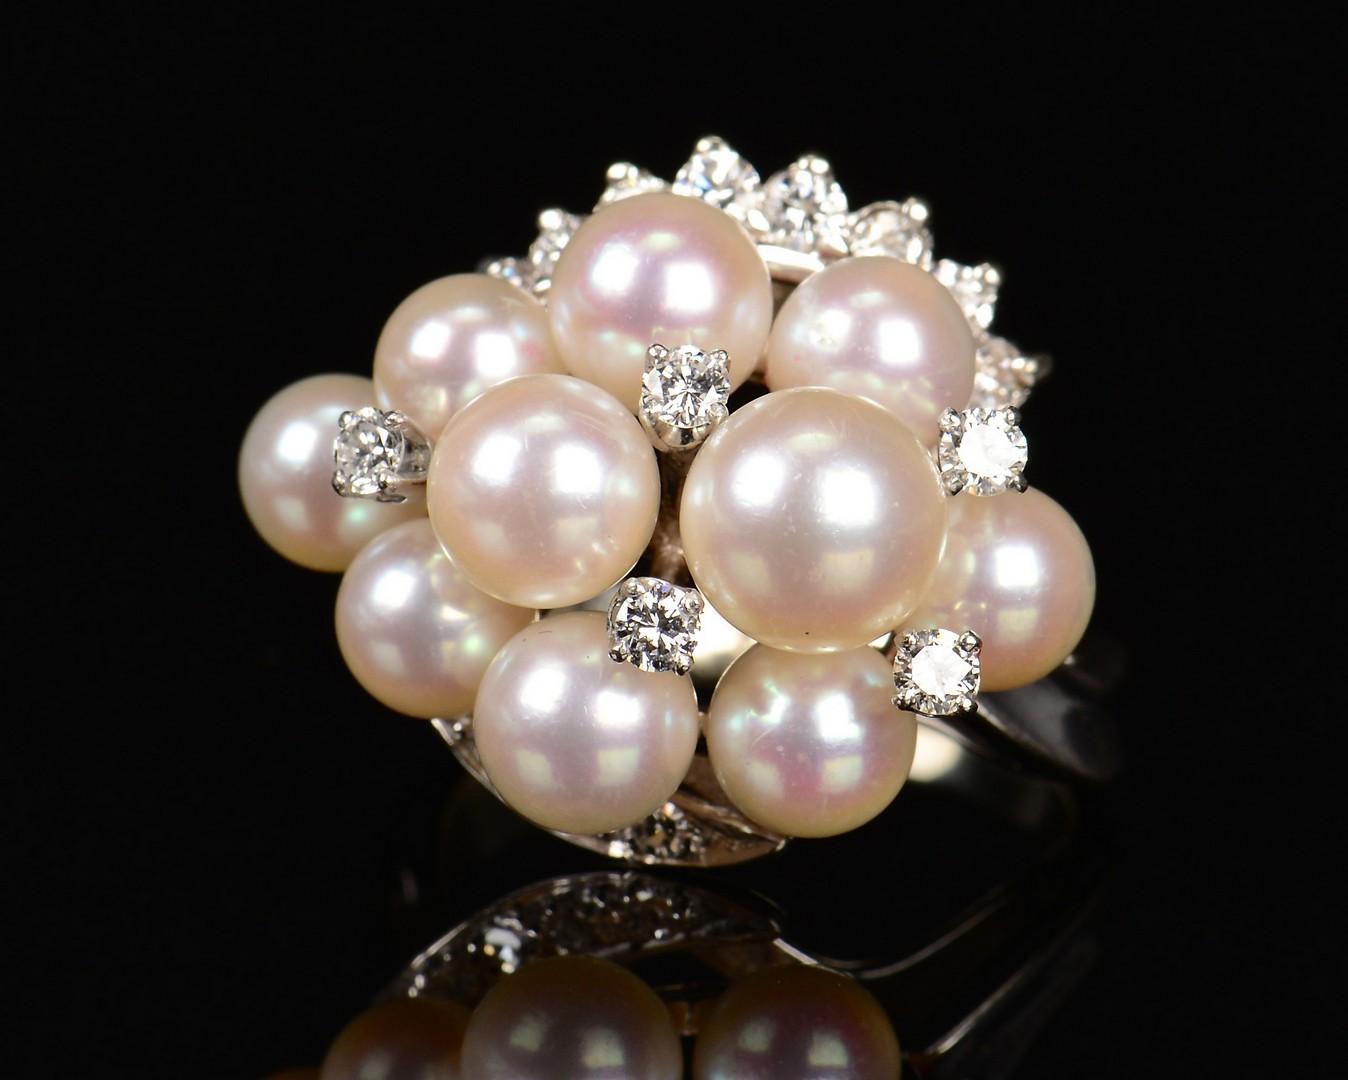 Lot 351: 2 14k Diamond & Pearl Jewelry Items